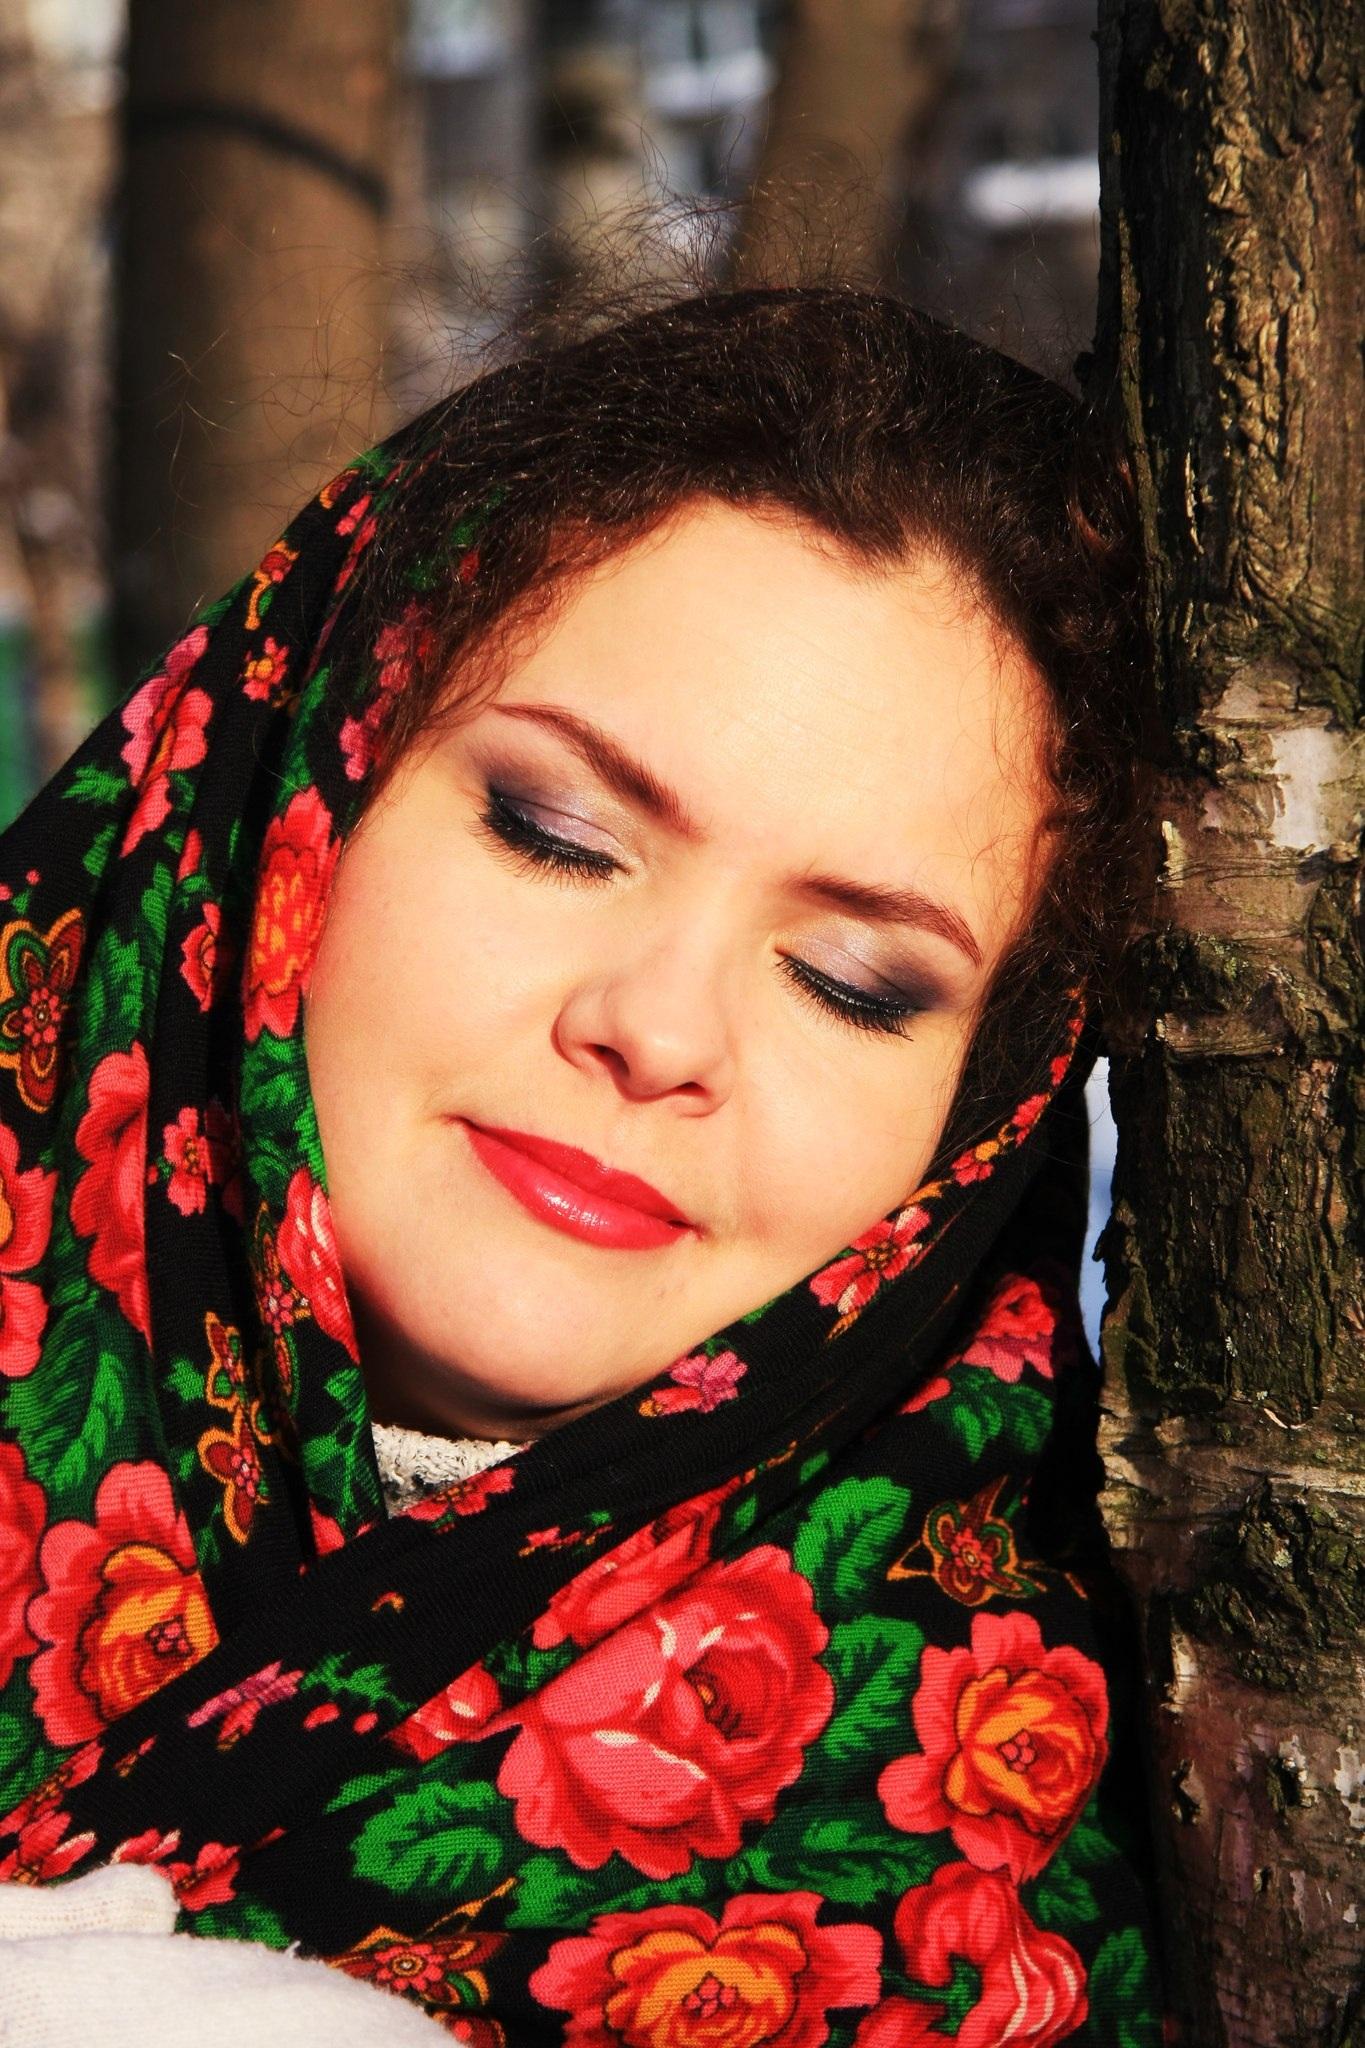 Бабы видео фотосессии русских женщин фото киары